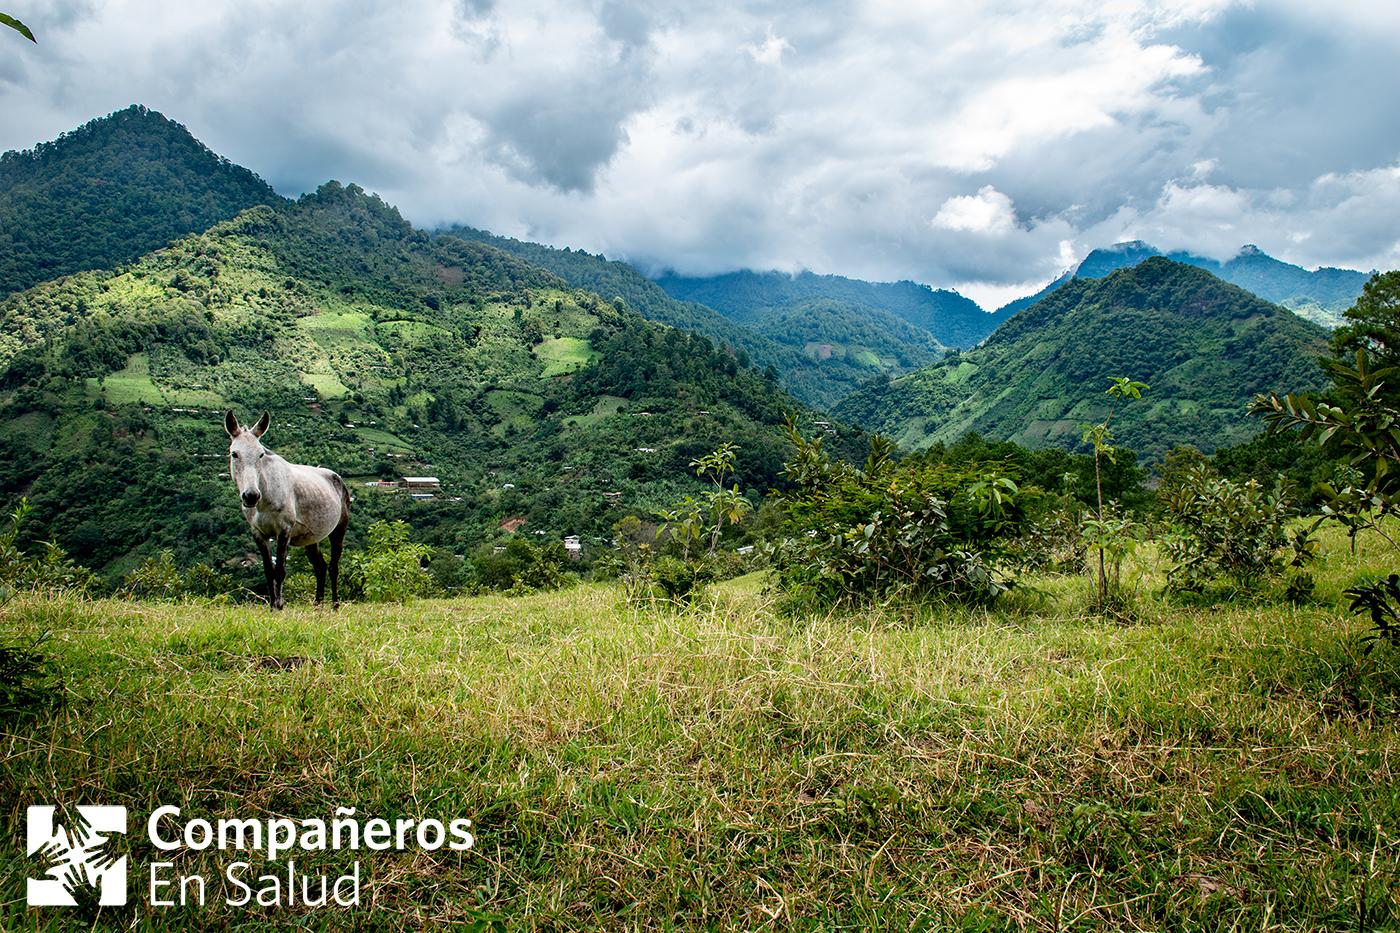 La comunidad rural en la región Sierra Madre de Chiapas donde viven Ernesto y su familia